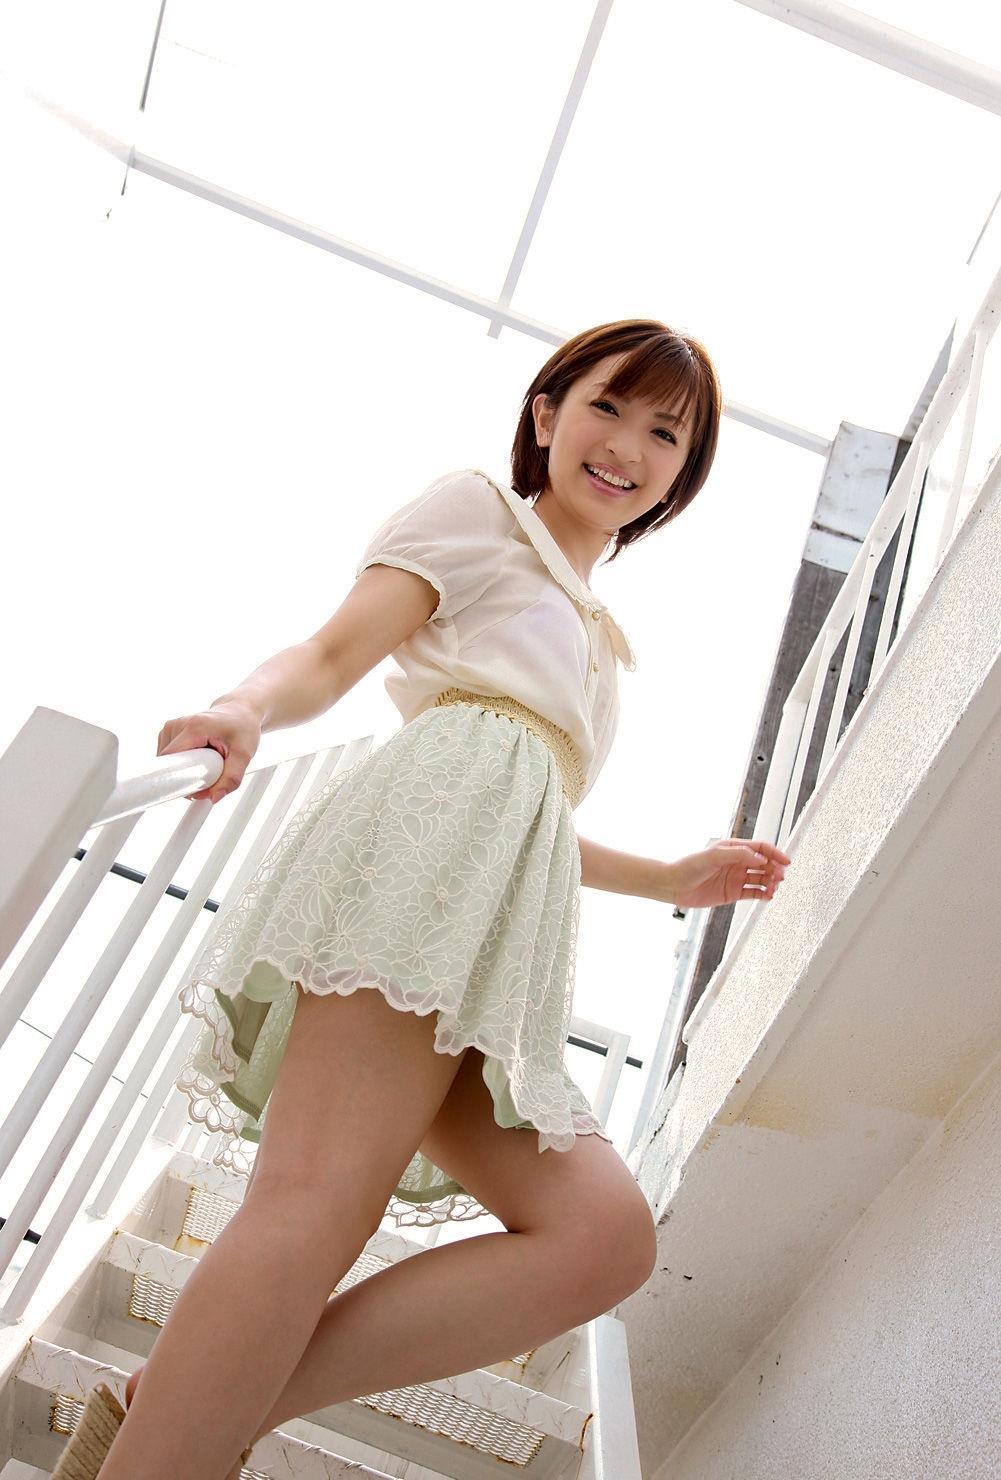 田中涼子 グラビア画像 3